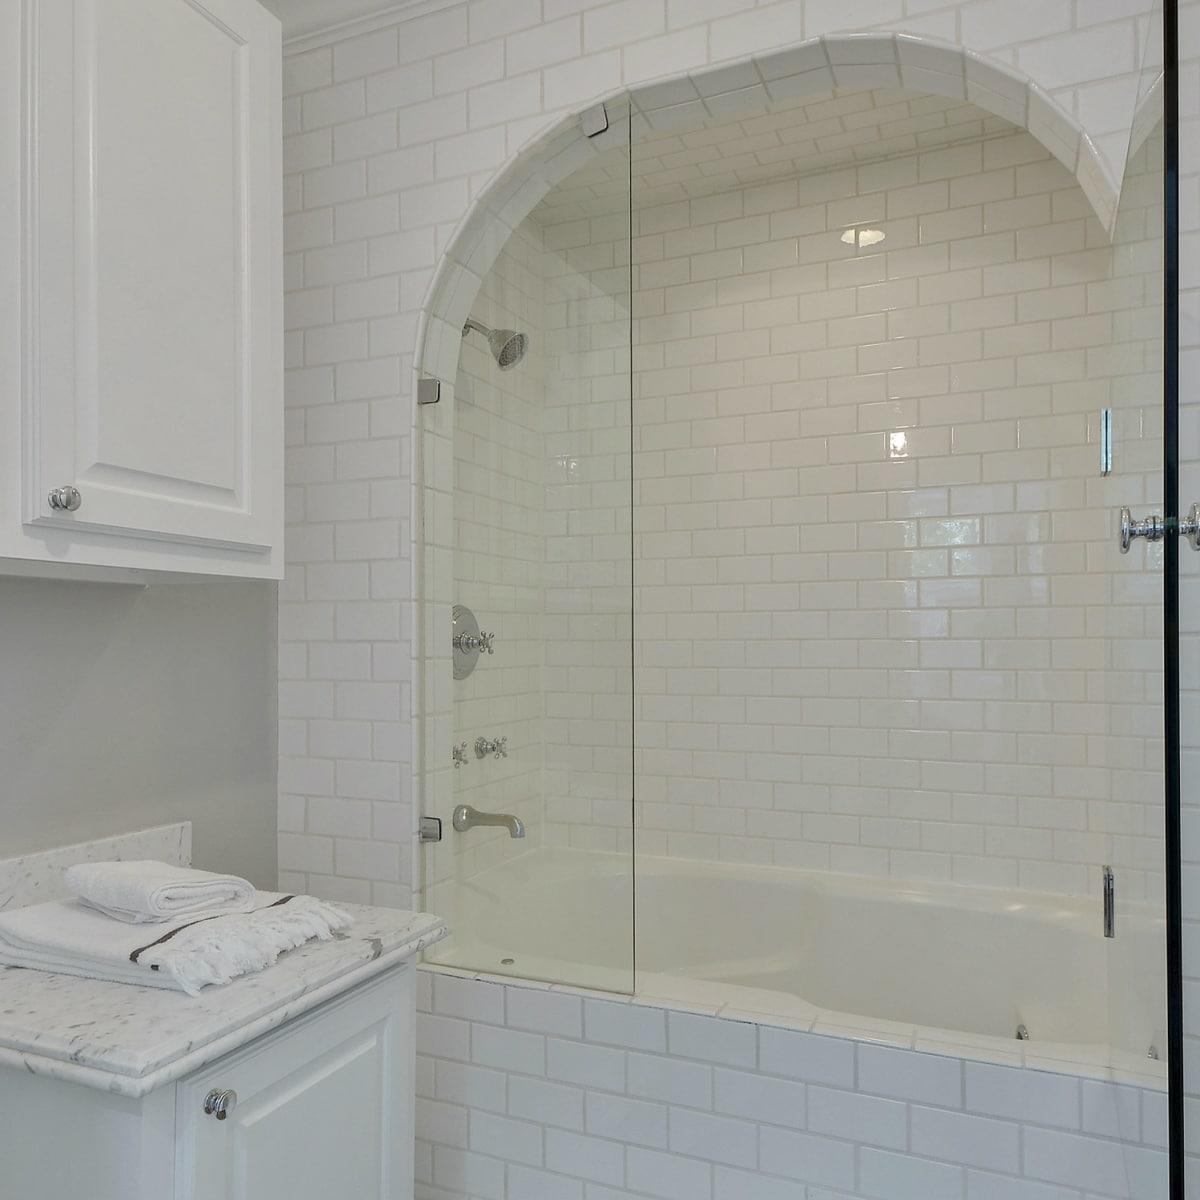 2200 Bowman Austin house for sale bathroom